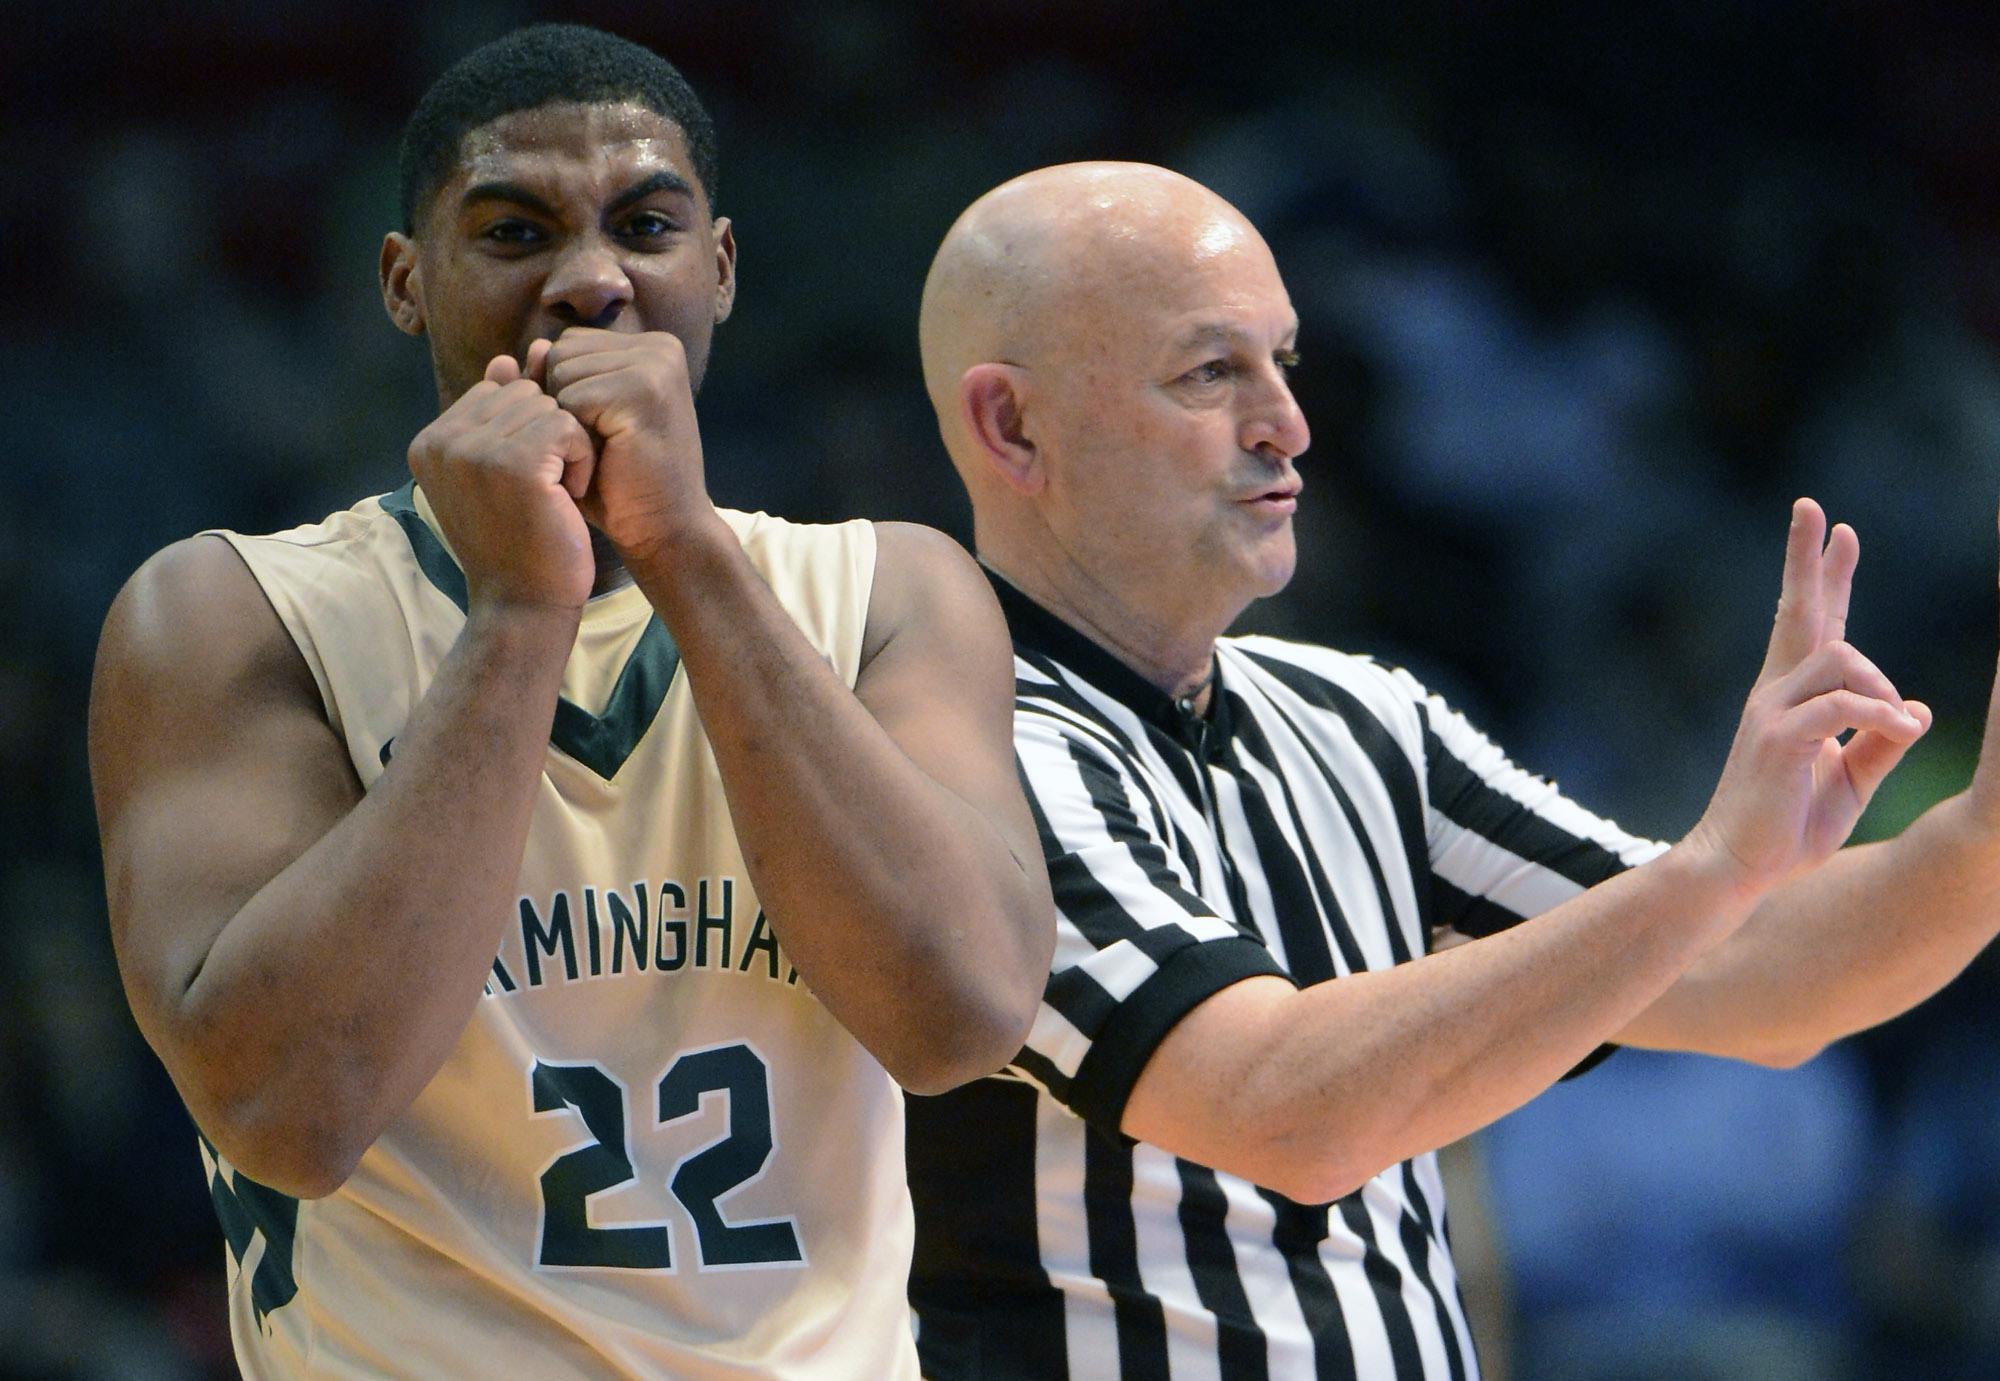 CUSA Western Kentucky UAB basketball_90905